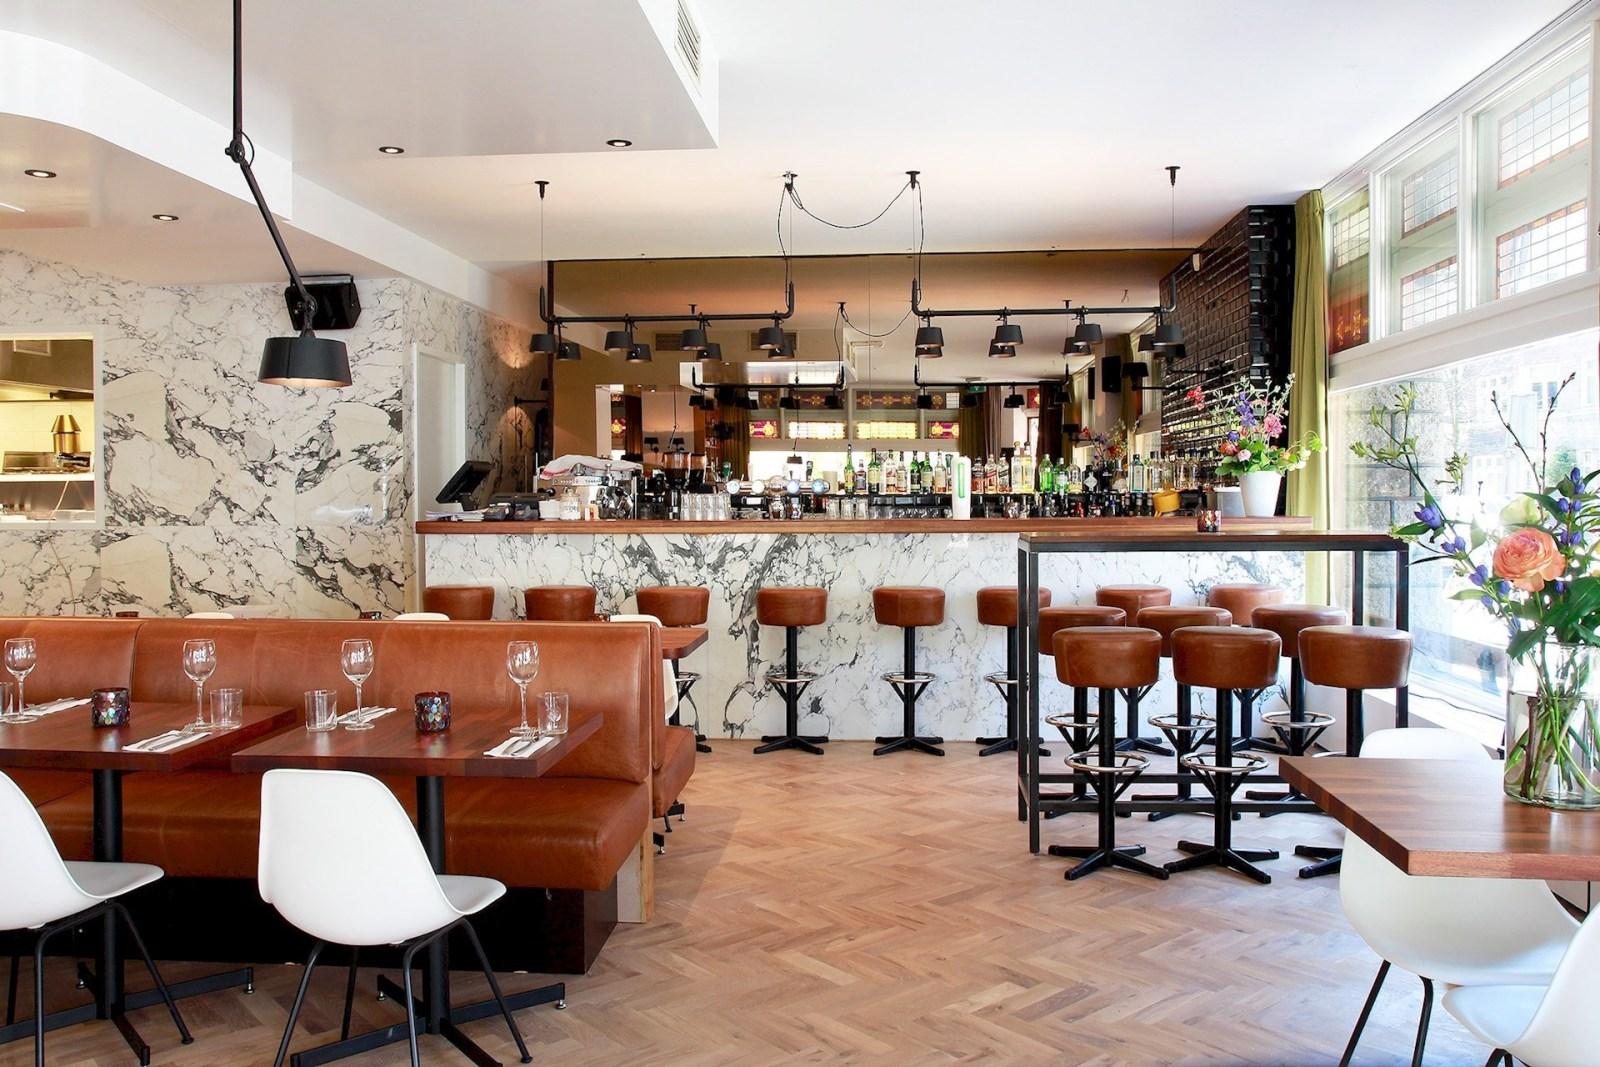 The House Bar